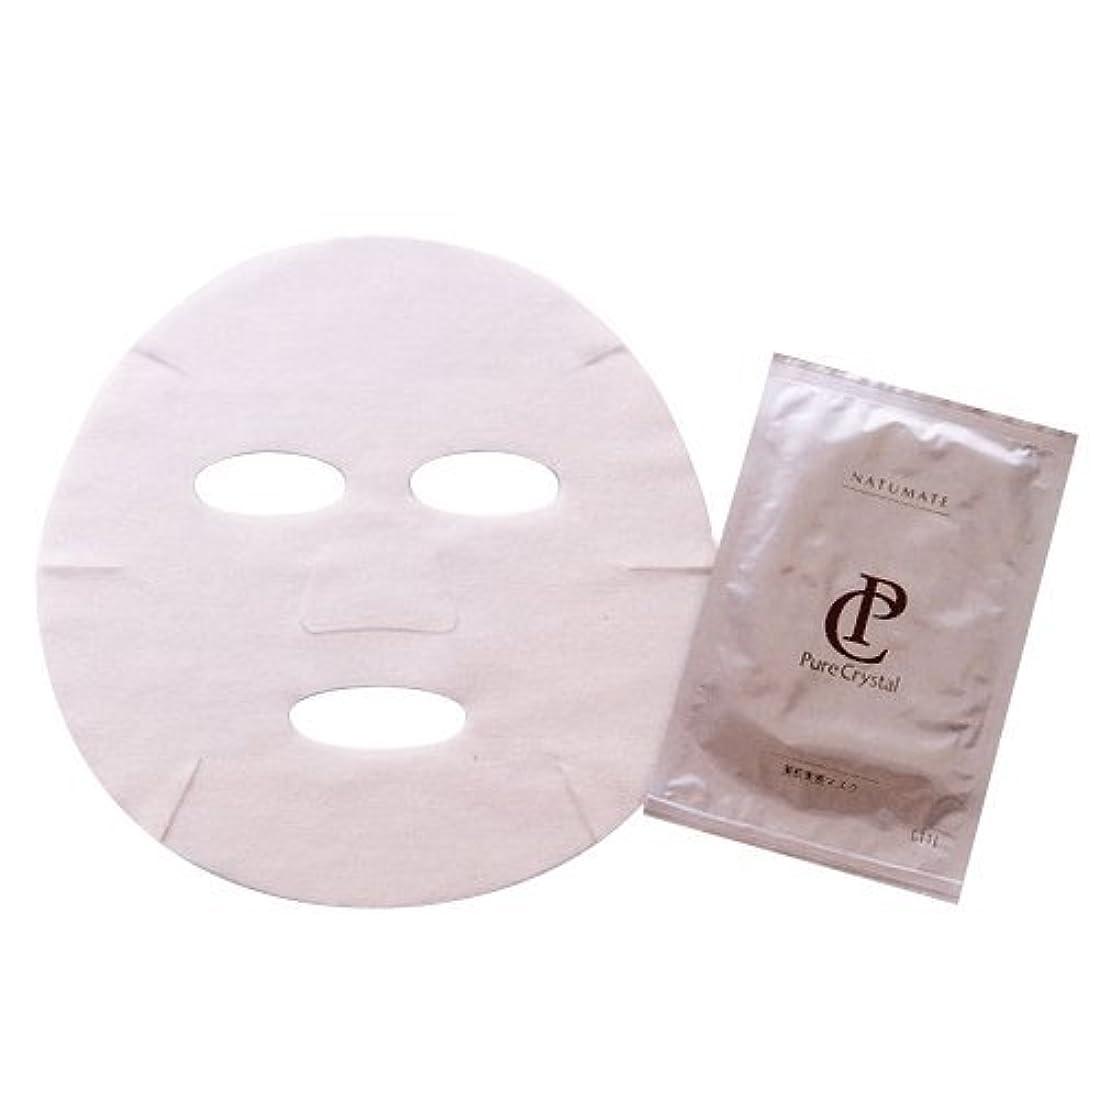 怒り受粉する自分のためにナチュメイト 美肌実感マスク【8枚入】